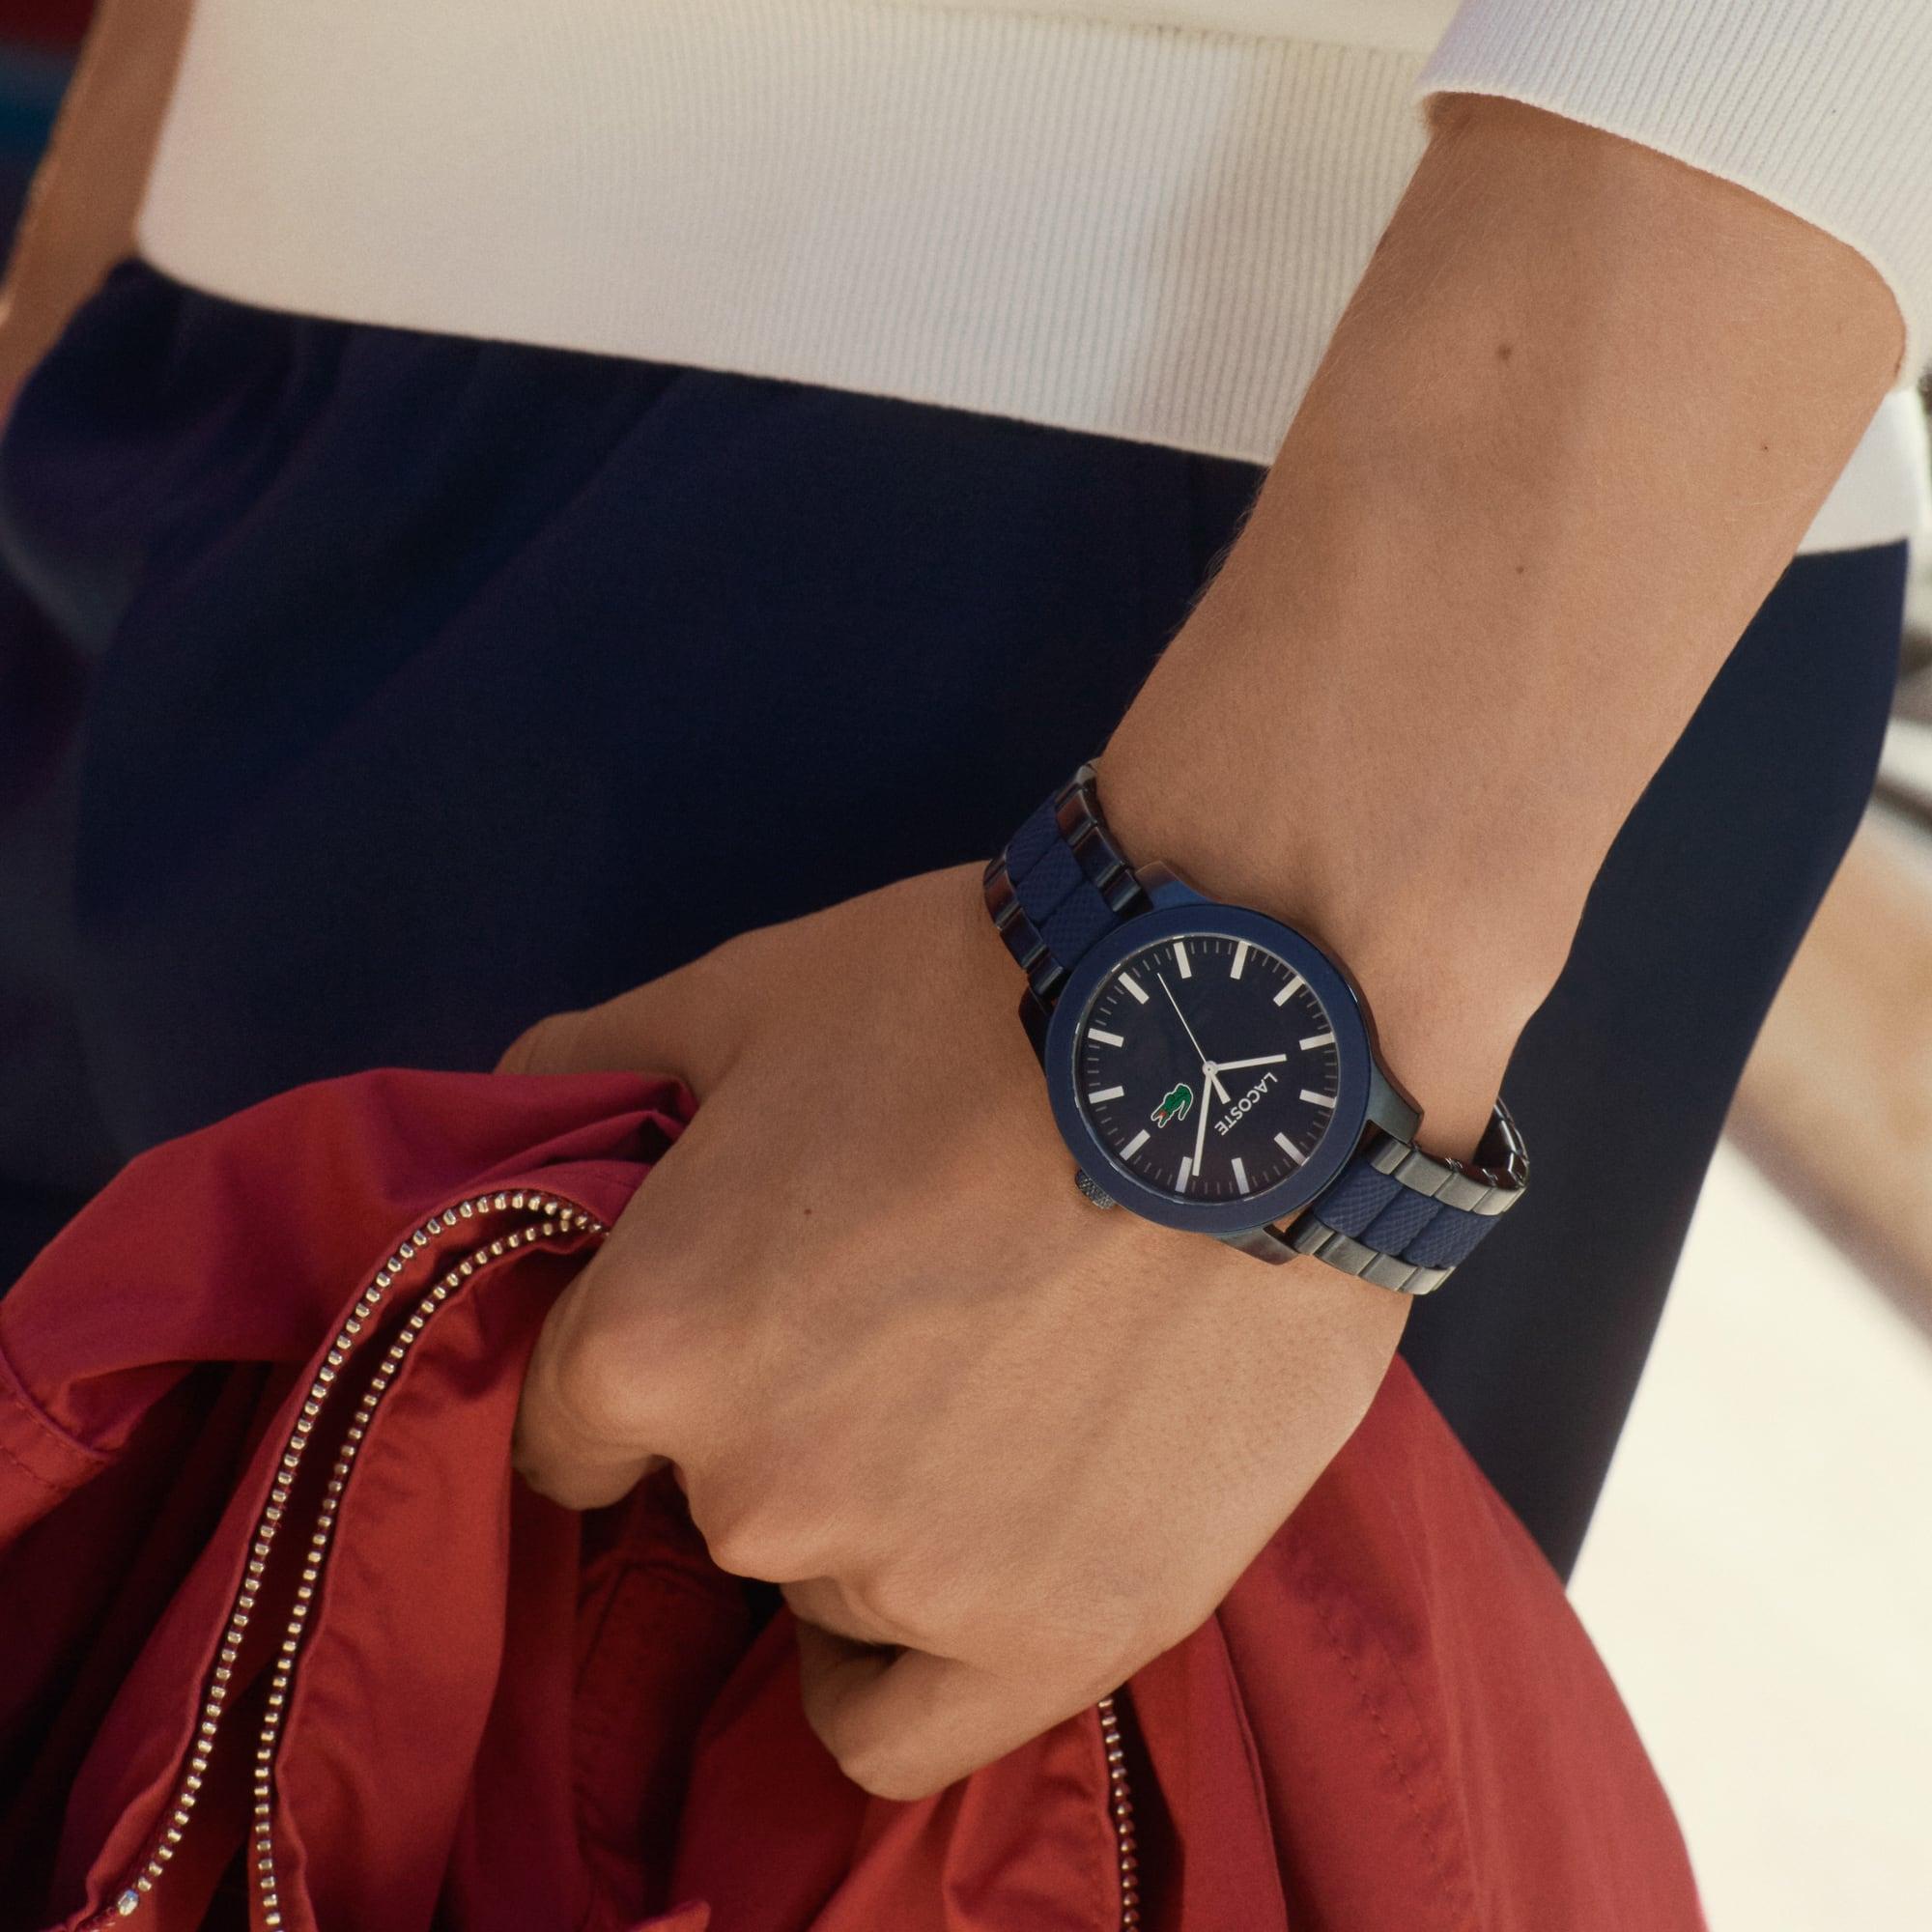 Relógio Lacoste 12.12 de homem com bracelete cromada em cinzento e silicone azul de dois materiais